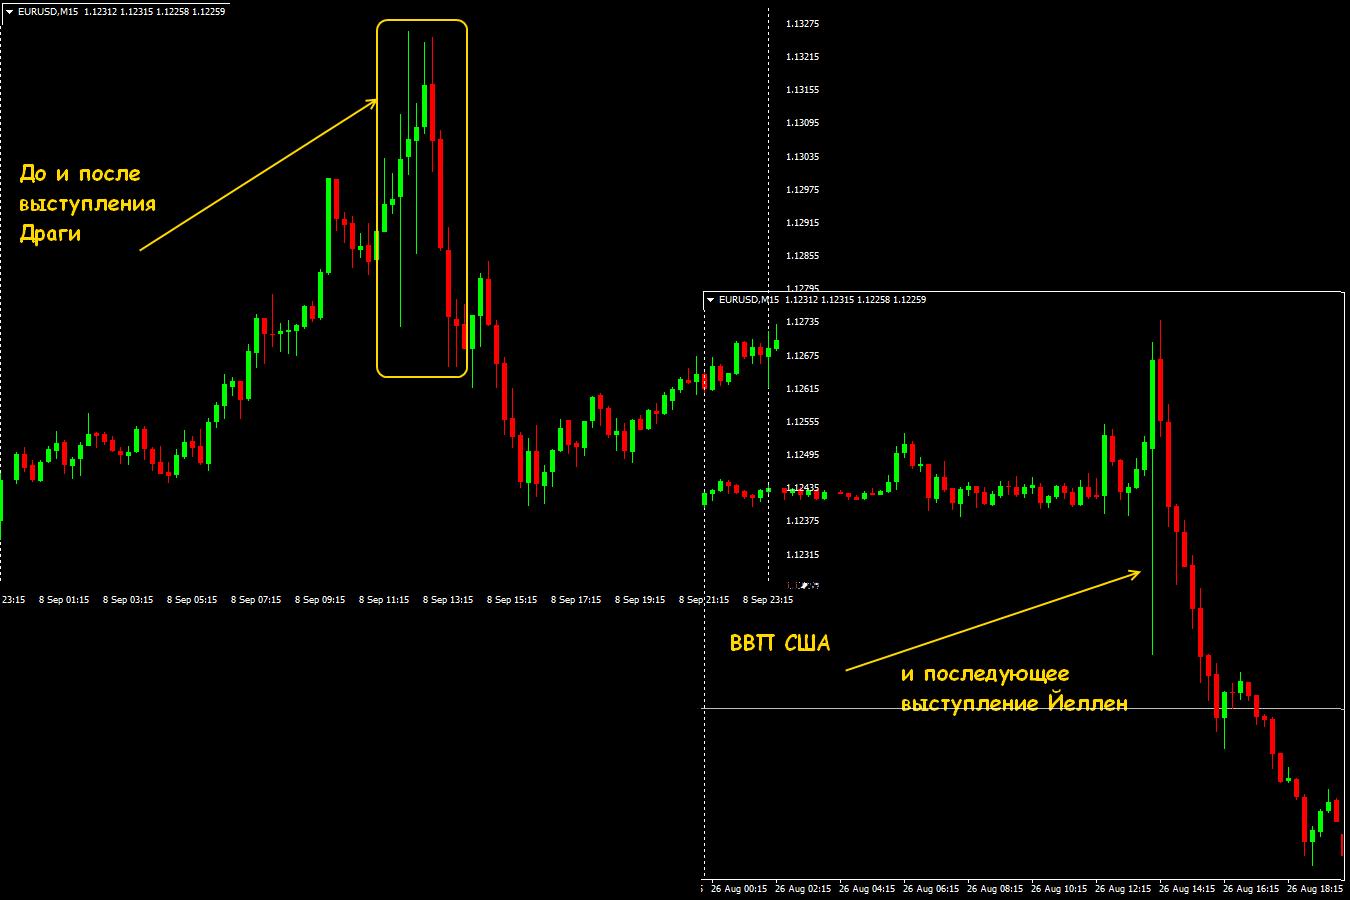 Как правильно вести спекулятивную торговлю на рынке форекс paintbar forex system